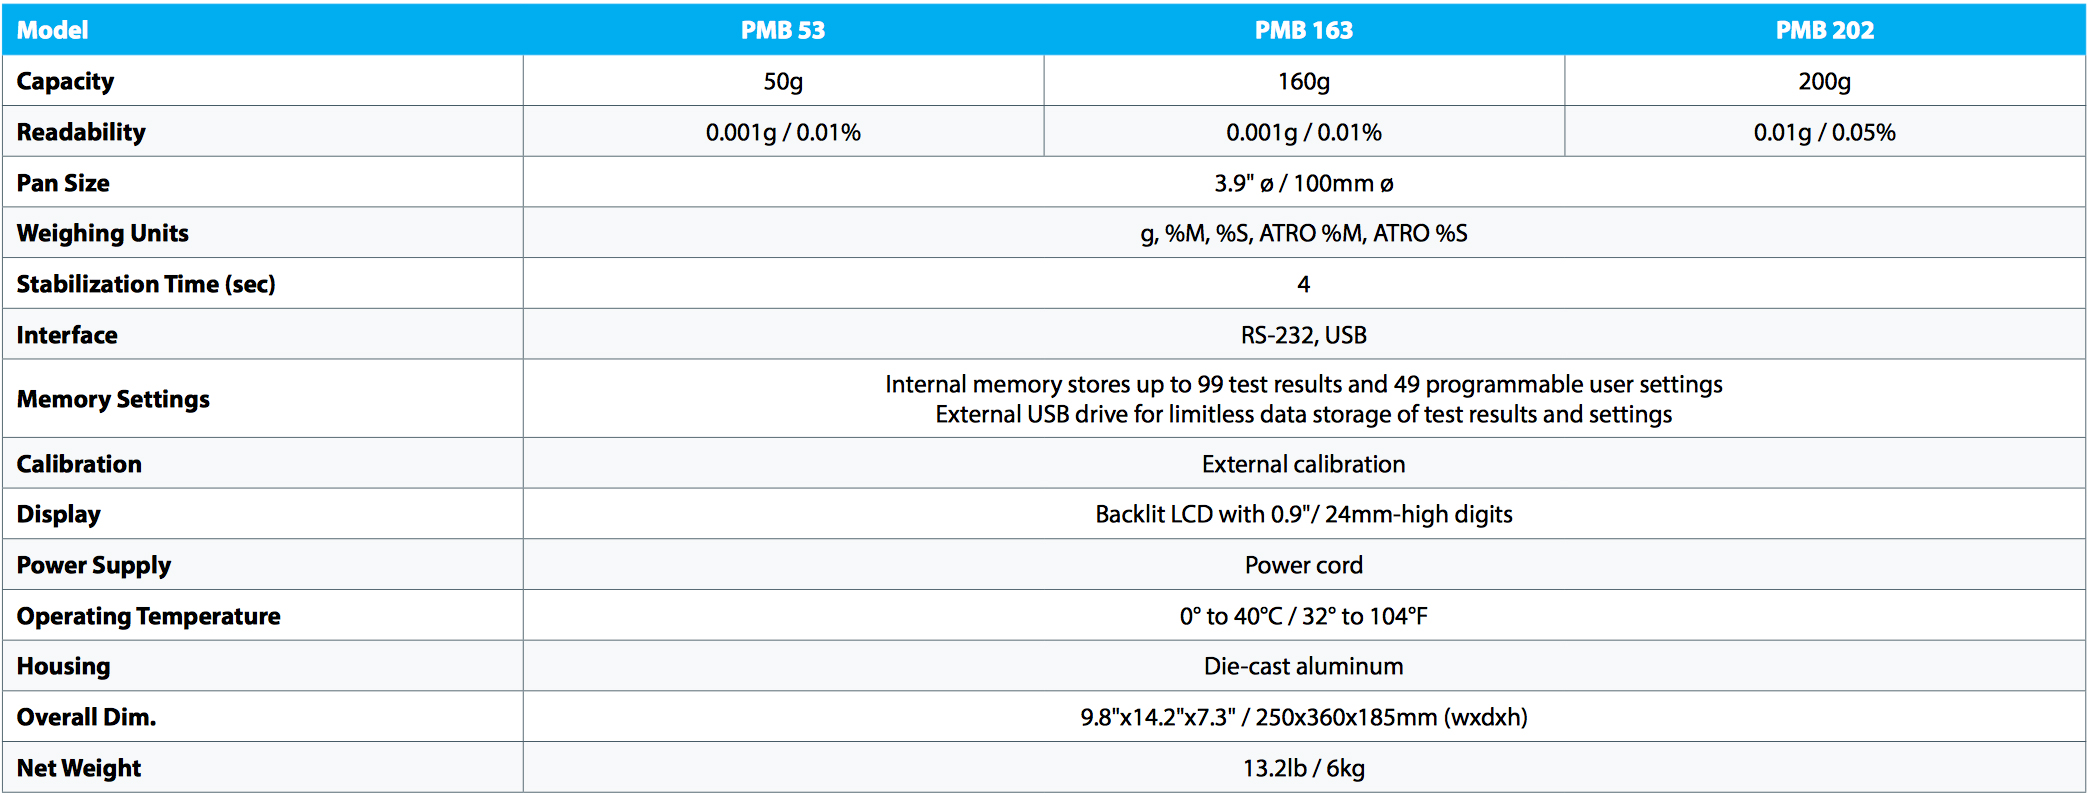 adam-equipment-pmb-moisture-analyzer.jpg